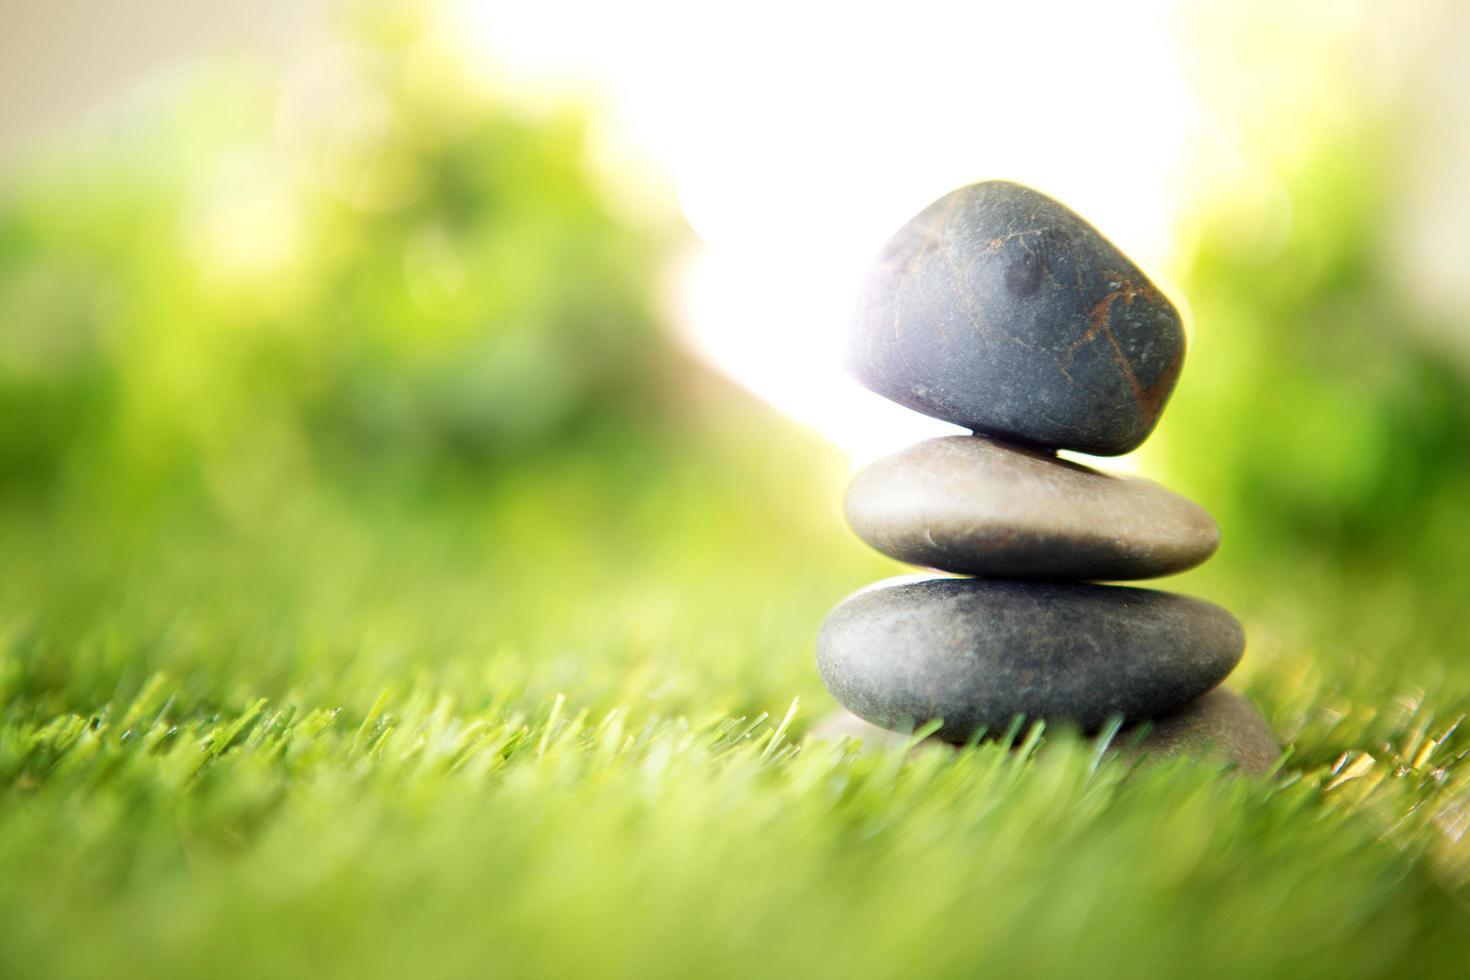 pyramide de pierre sur l'herbe photo